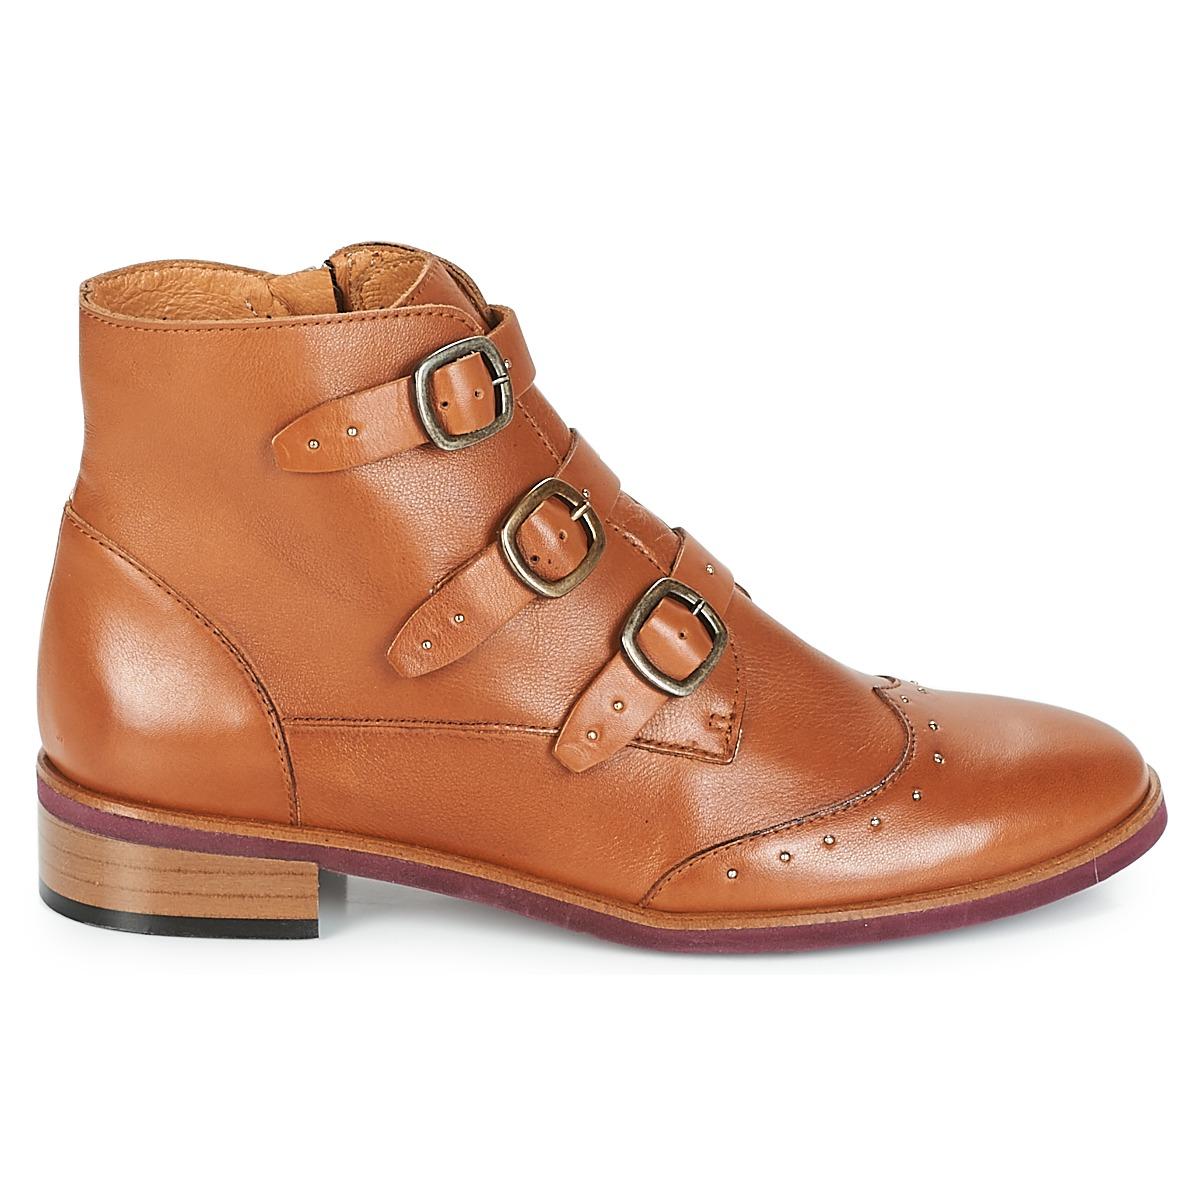 Jiloto Karston Boots Boots Karston Boots Karston Jiloto DHIe9WE2Y